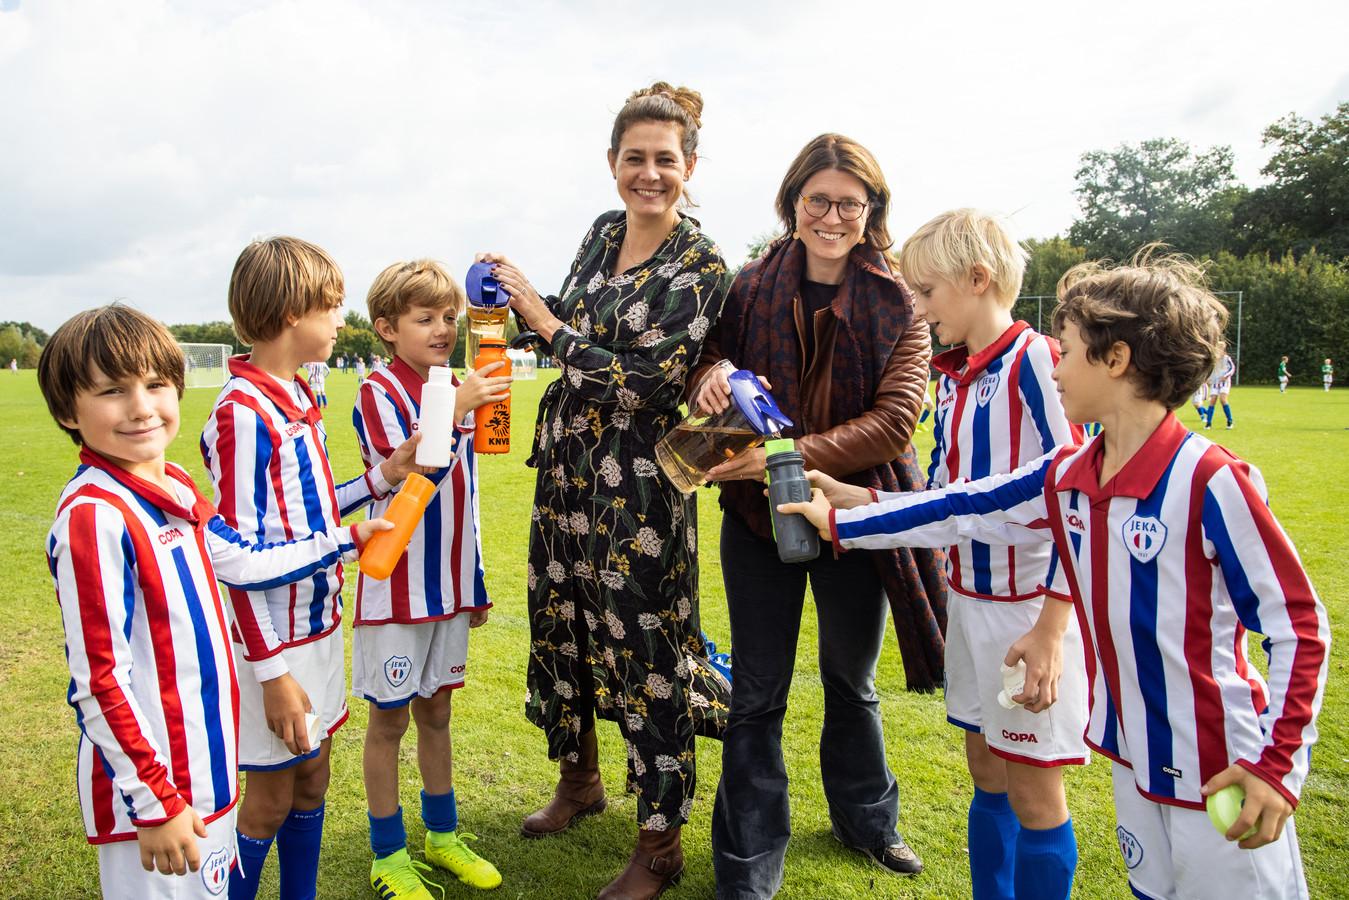 Ter illustratie: voetballers krijgen Ranja.    Cathelijne (r) en Nanda (L) willen Voetbal club JEKA duurzamer maken door plastic bekers in de ban te doen en de ranja in de rust in bidons te schenken.